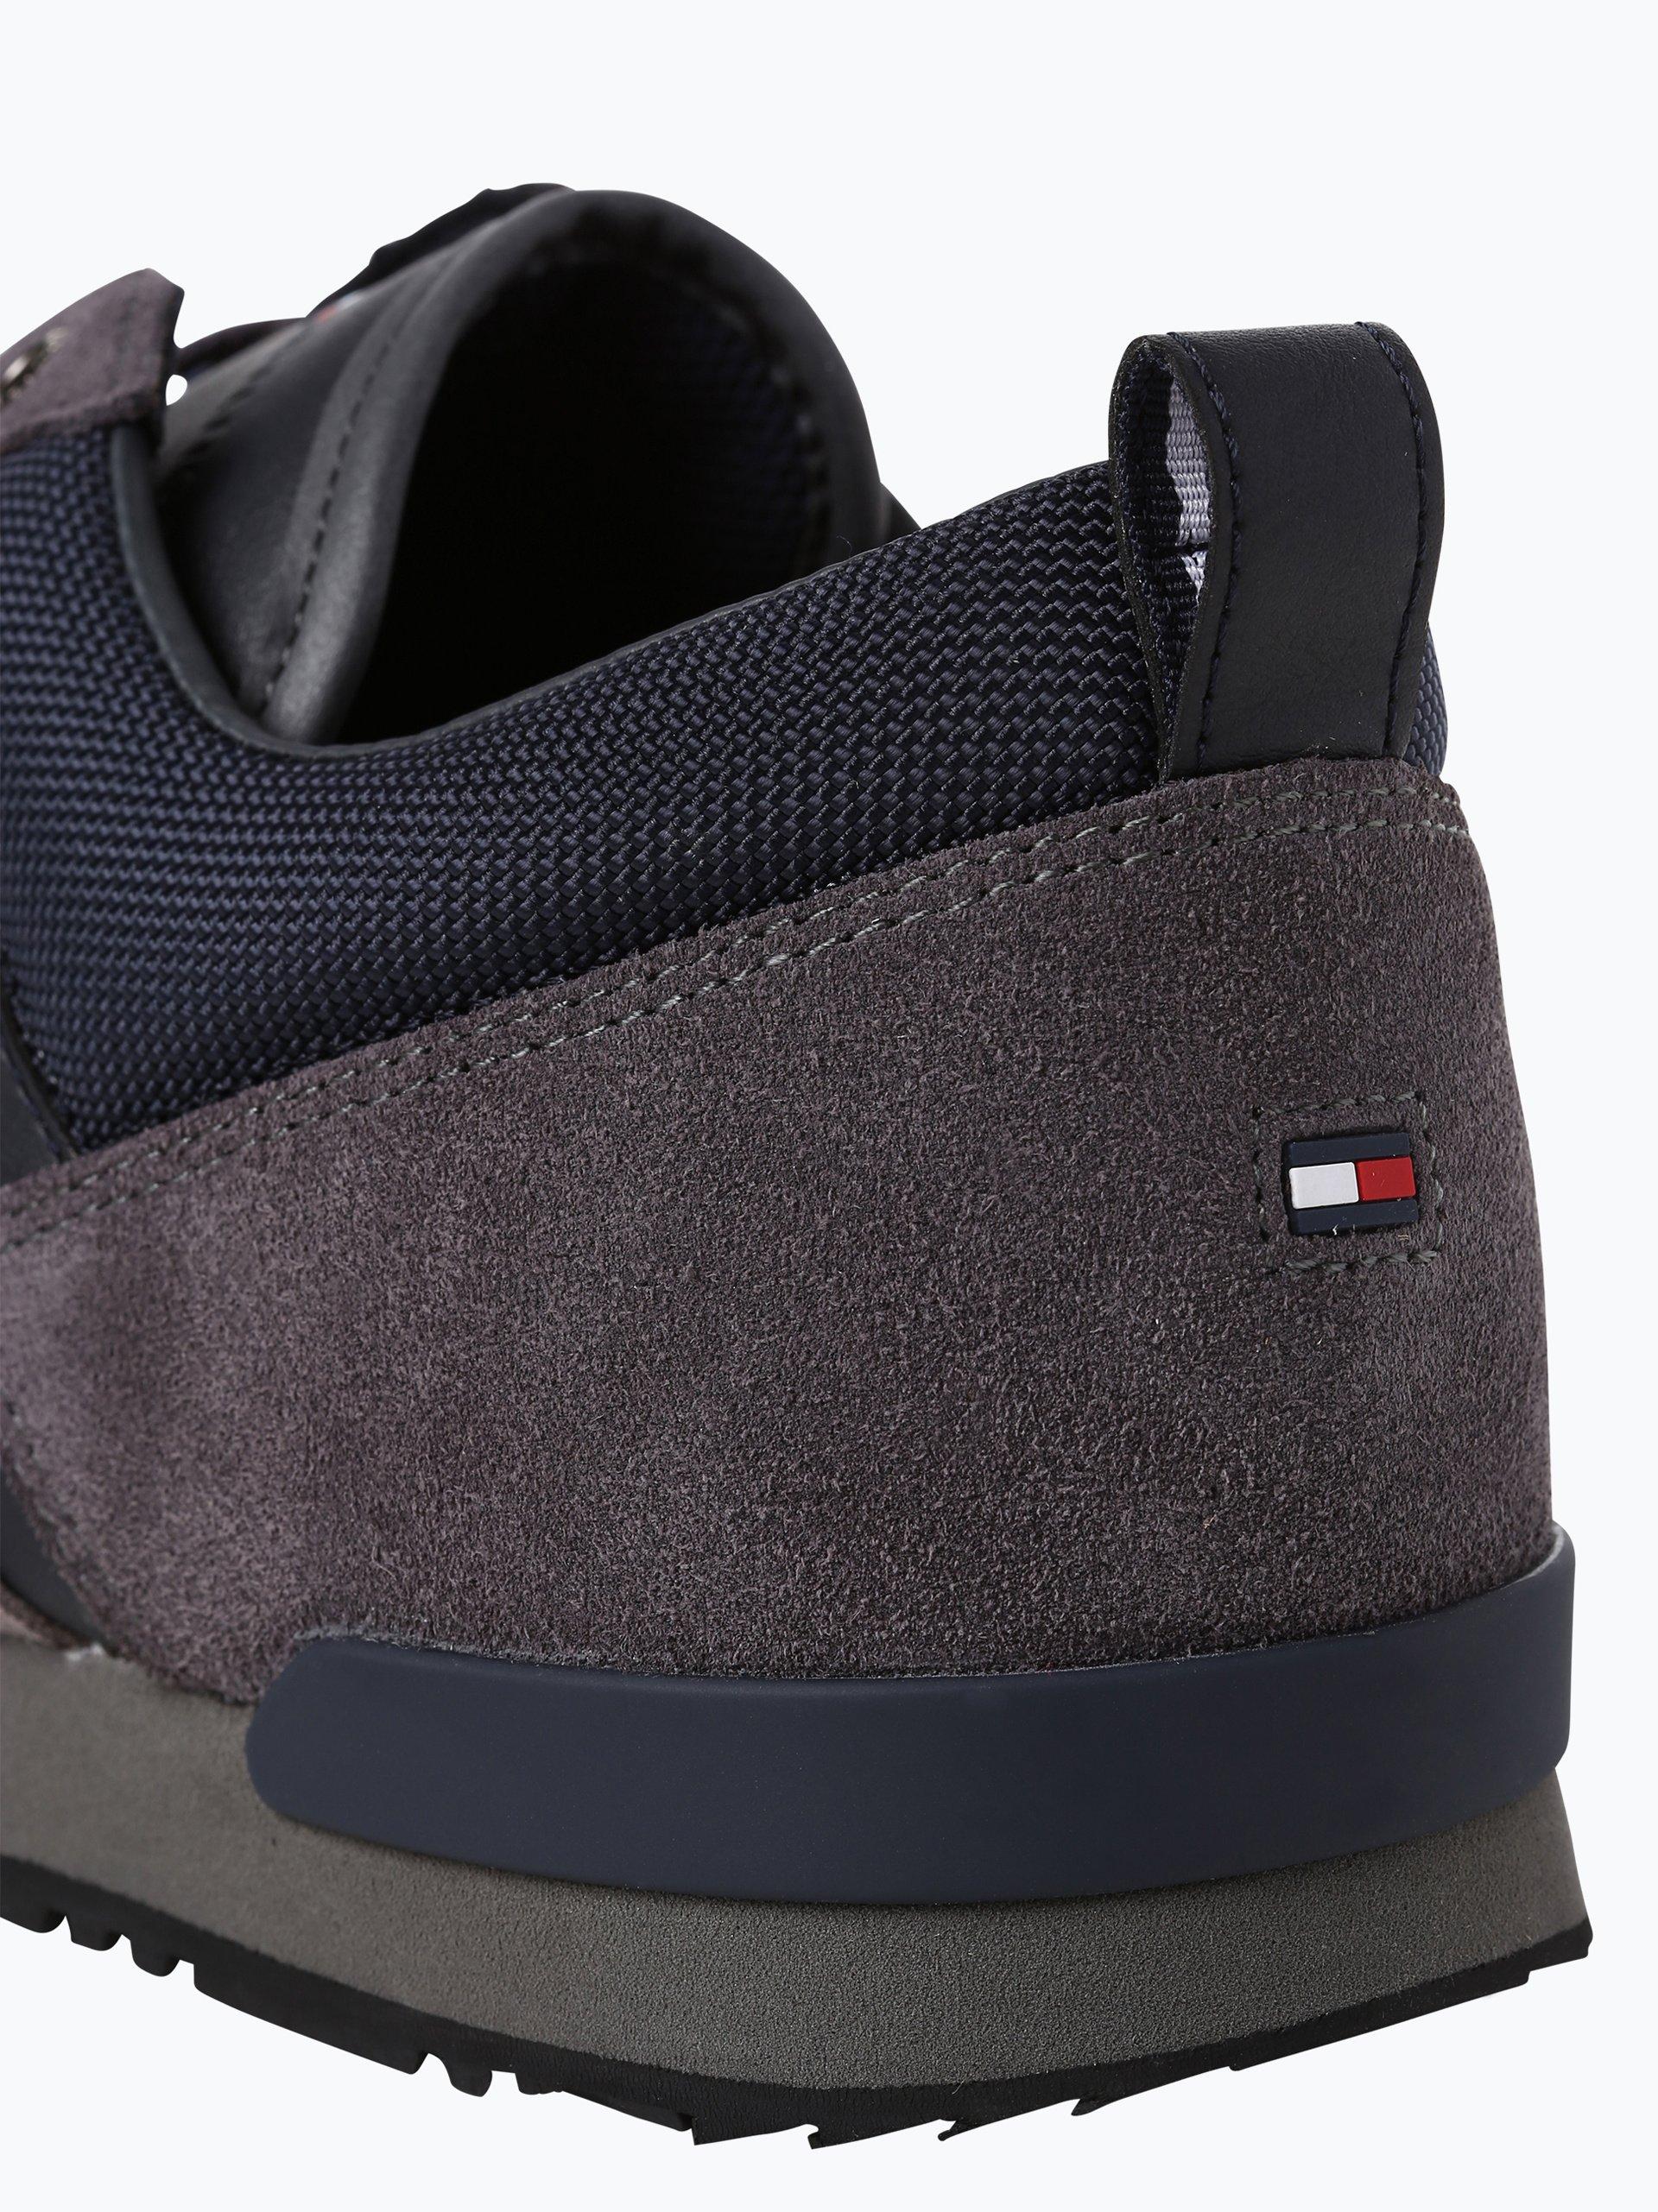 Tommy Hilfiger Herren Sneaker mit Leder-Anteil - Maxwell